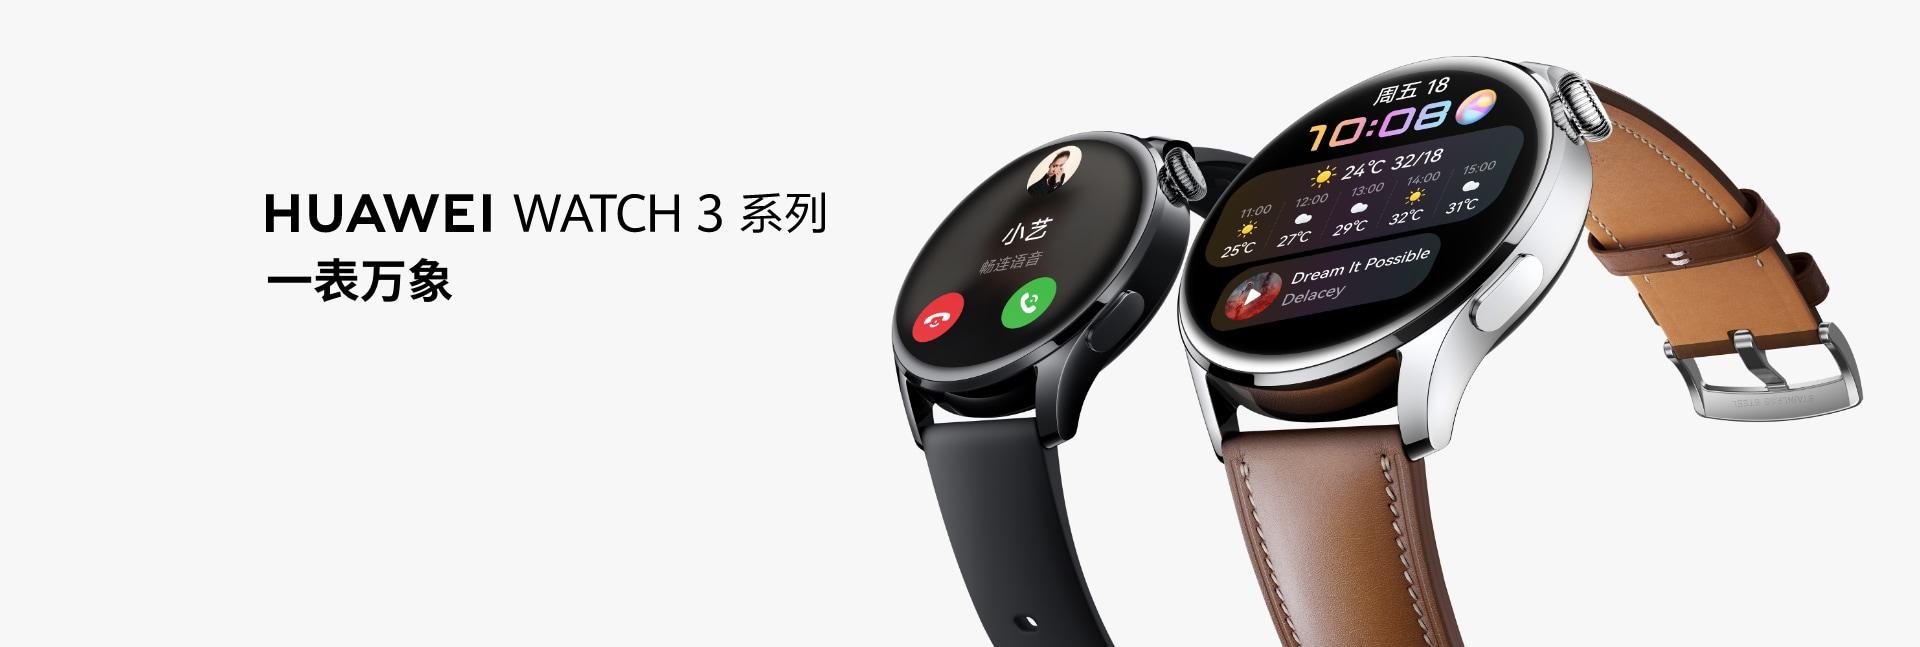 WATCH 3 cn2